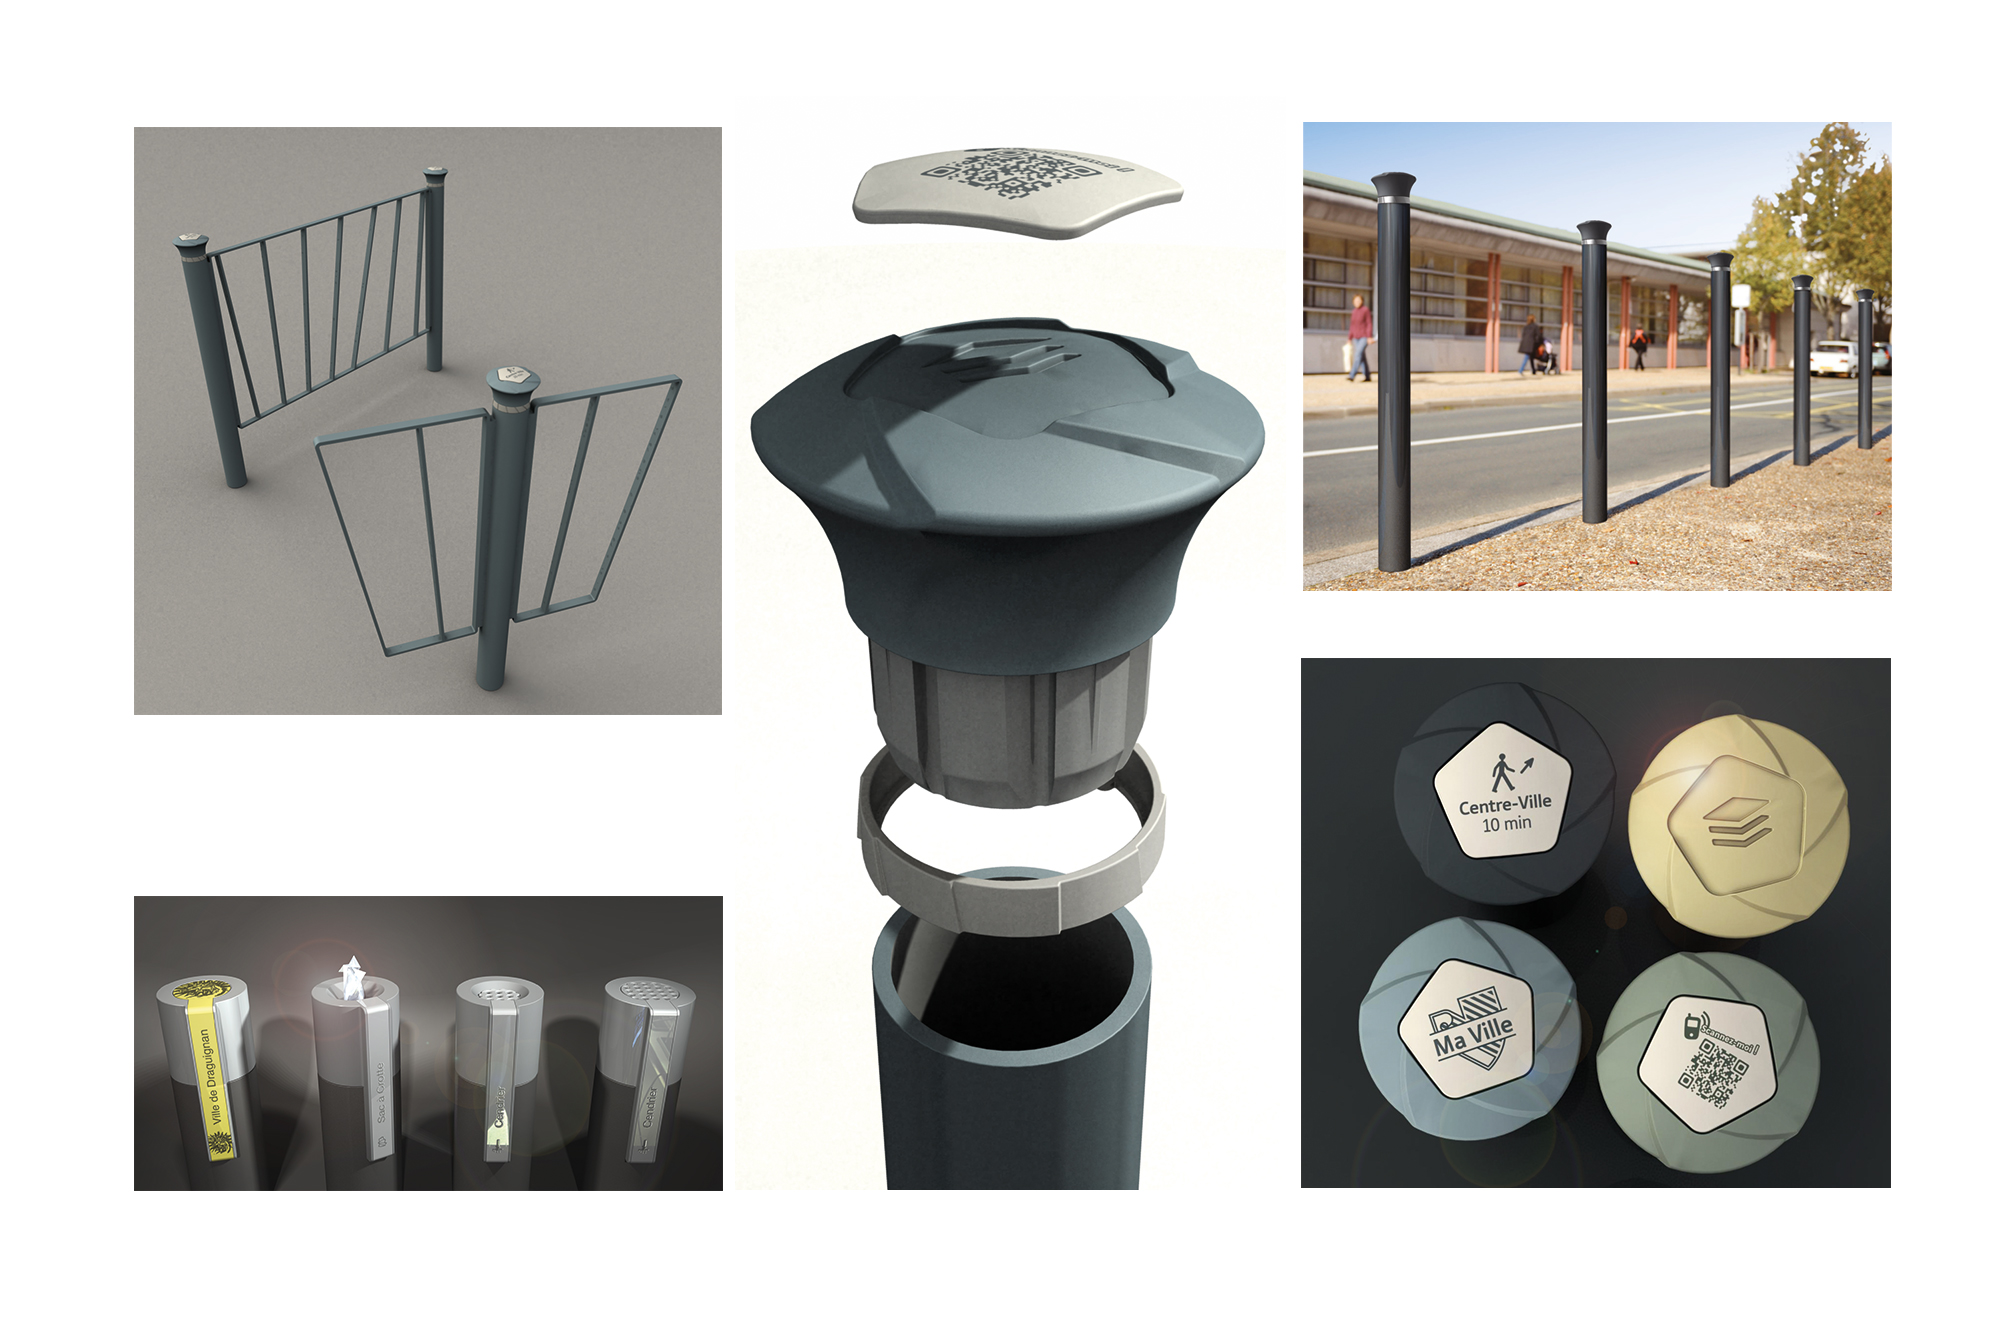 Pommeau de mobilier urbain Reflex - personnalisation et déclinaison